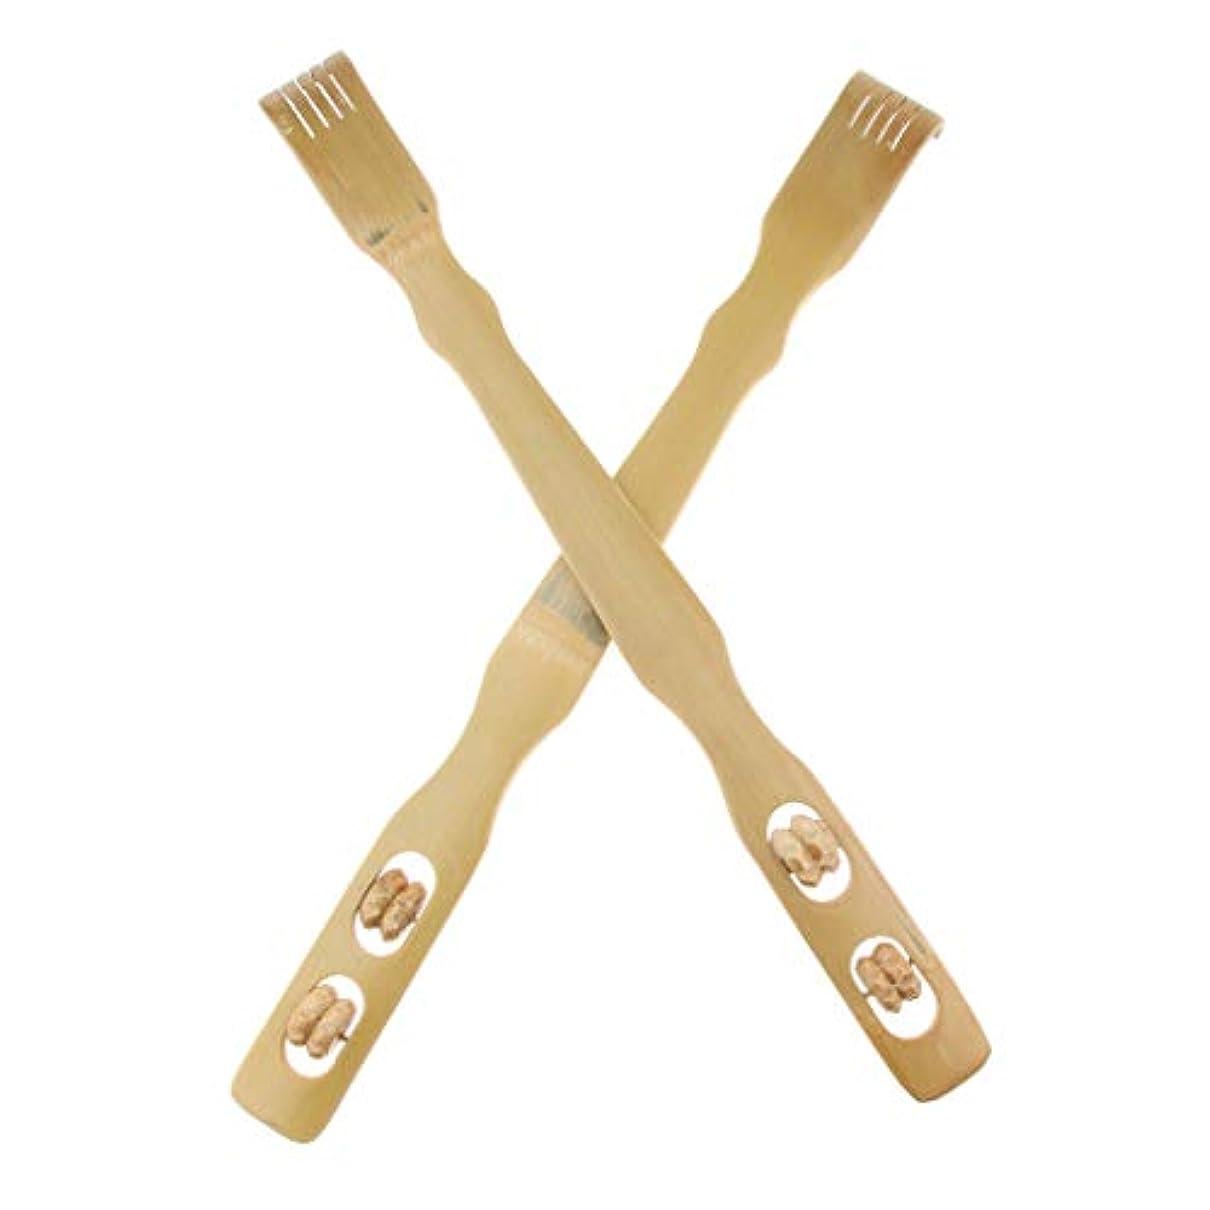 今晩裁定接地2個 バックスクラッチャー 孫の手 木製 リラックス プレゼント